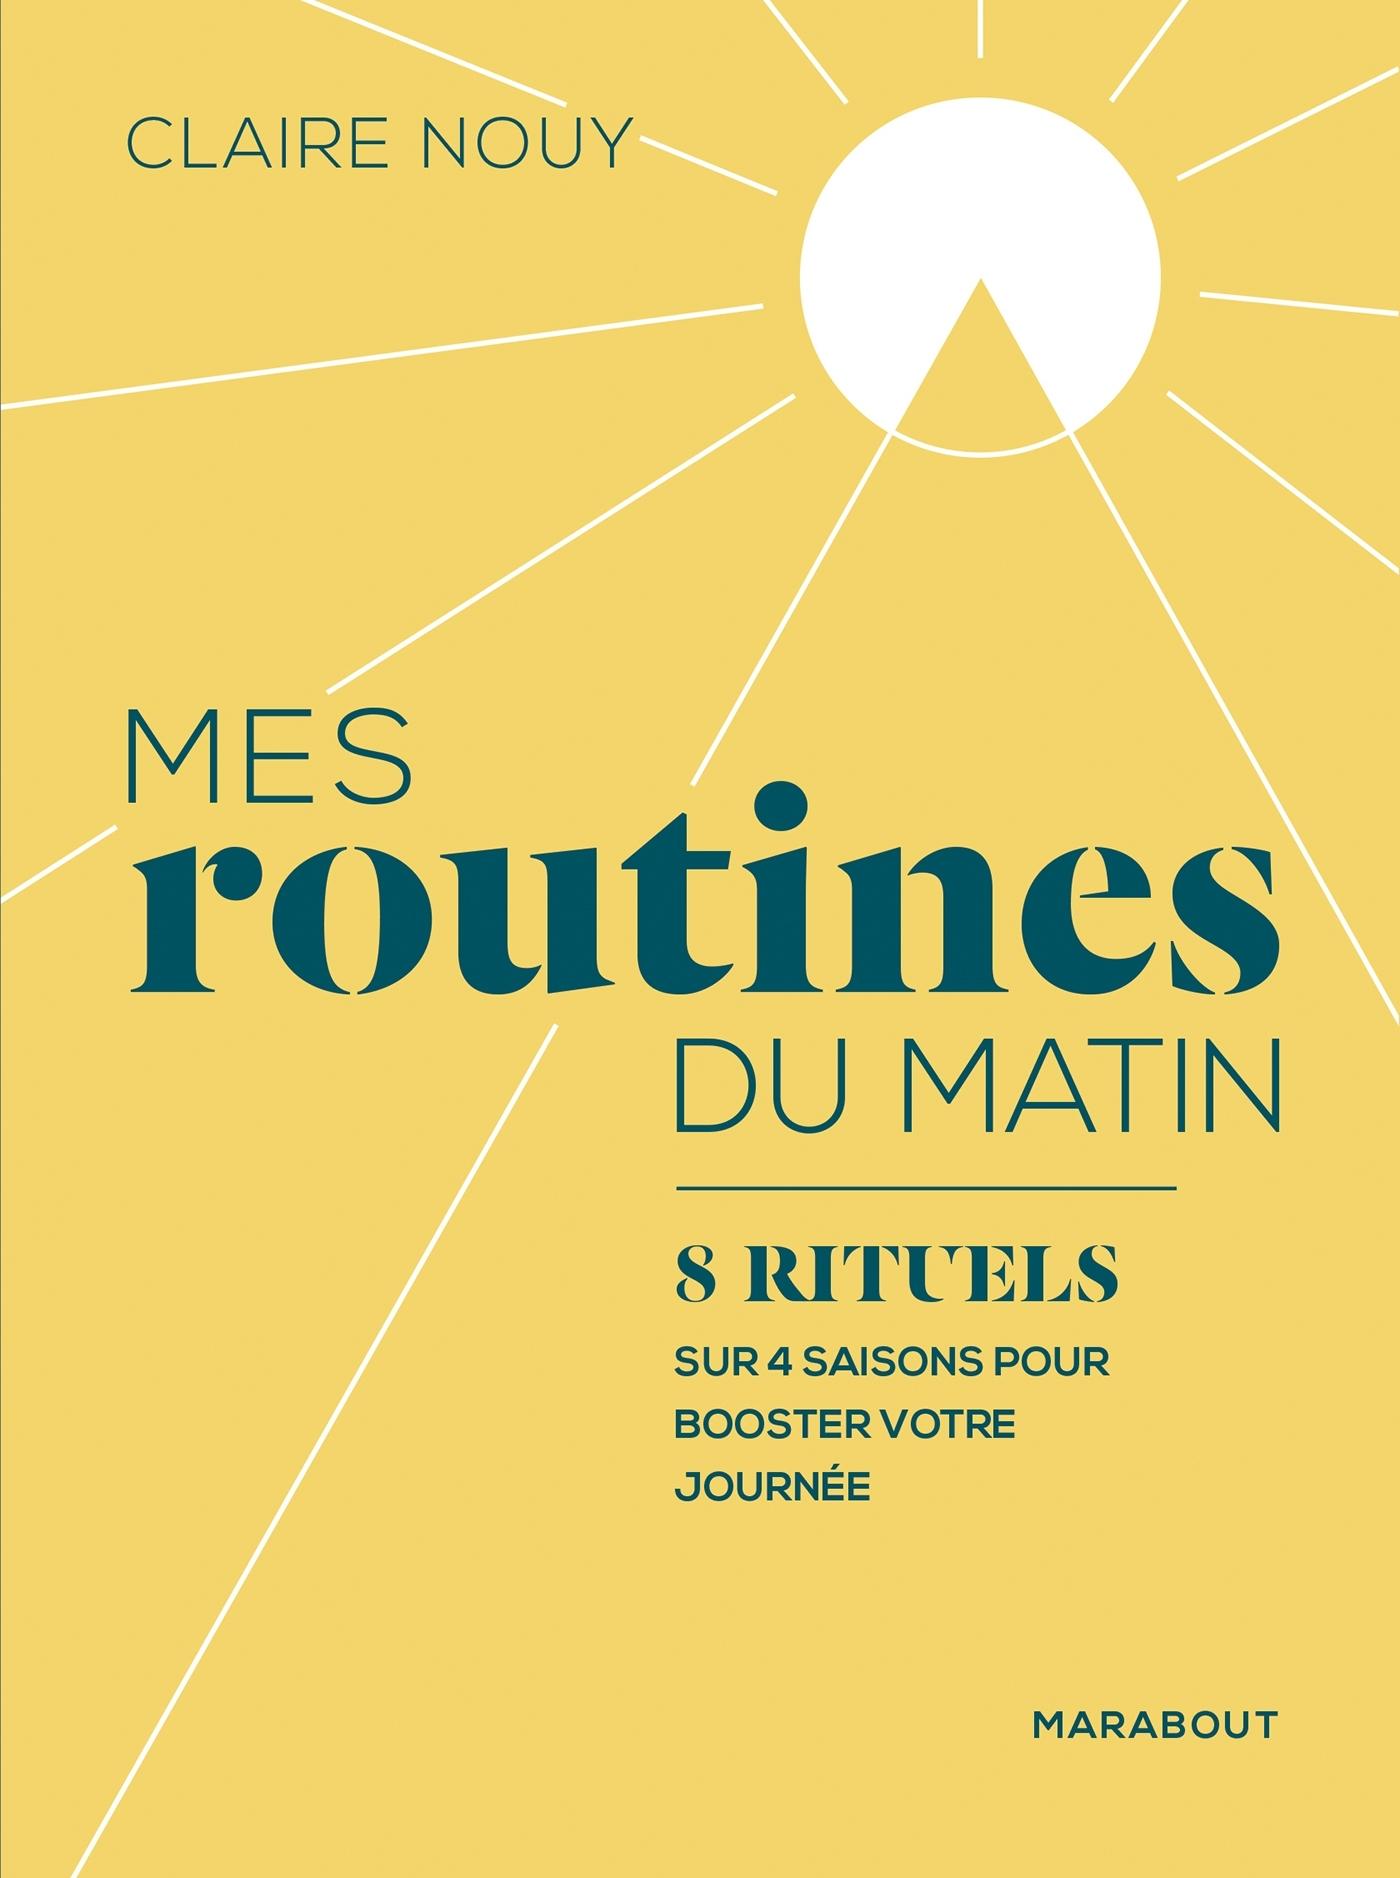 MES ROUTINES DU MATIN - 8 RITUELS AU FIL DES SAISONS